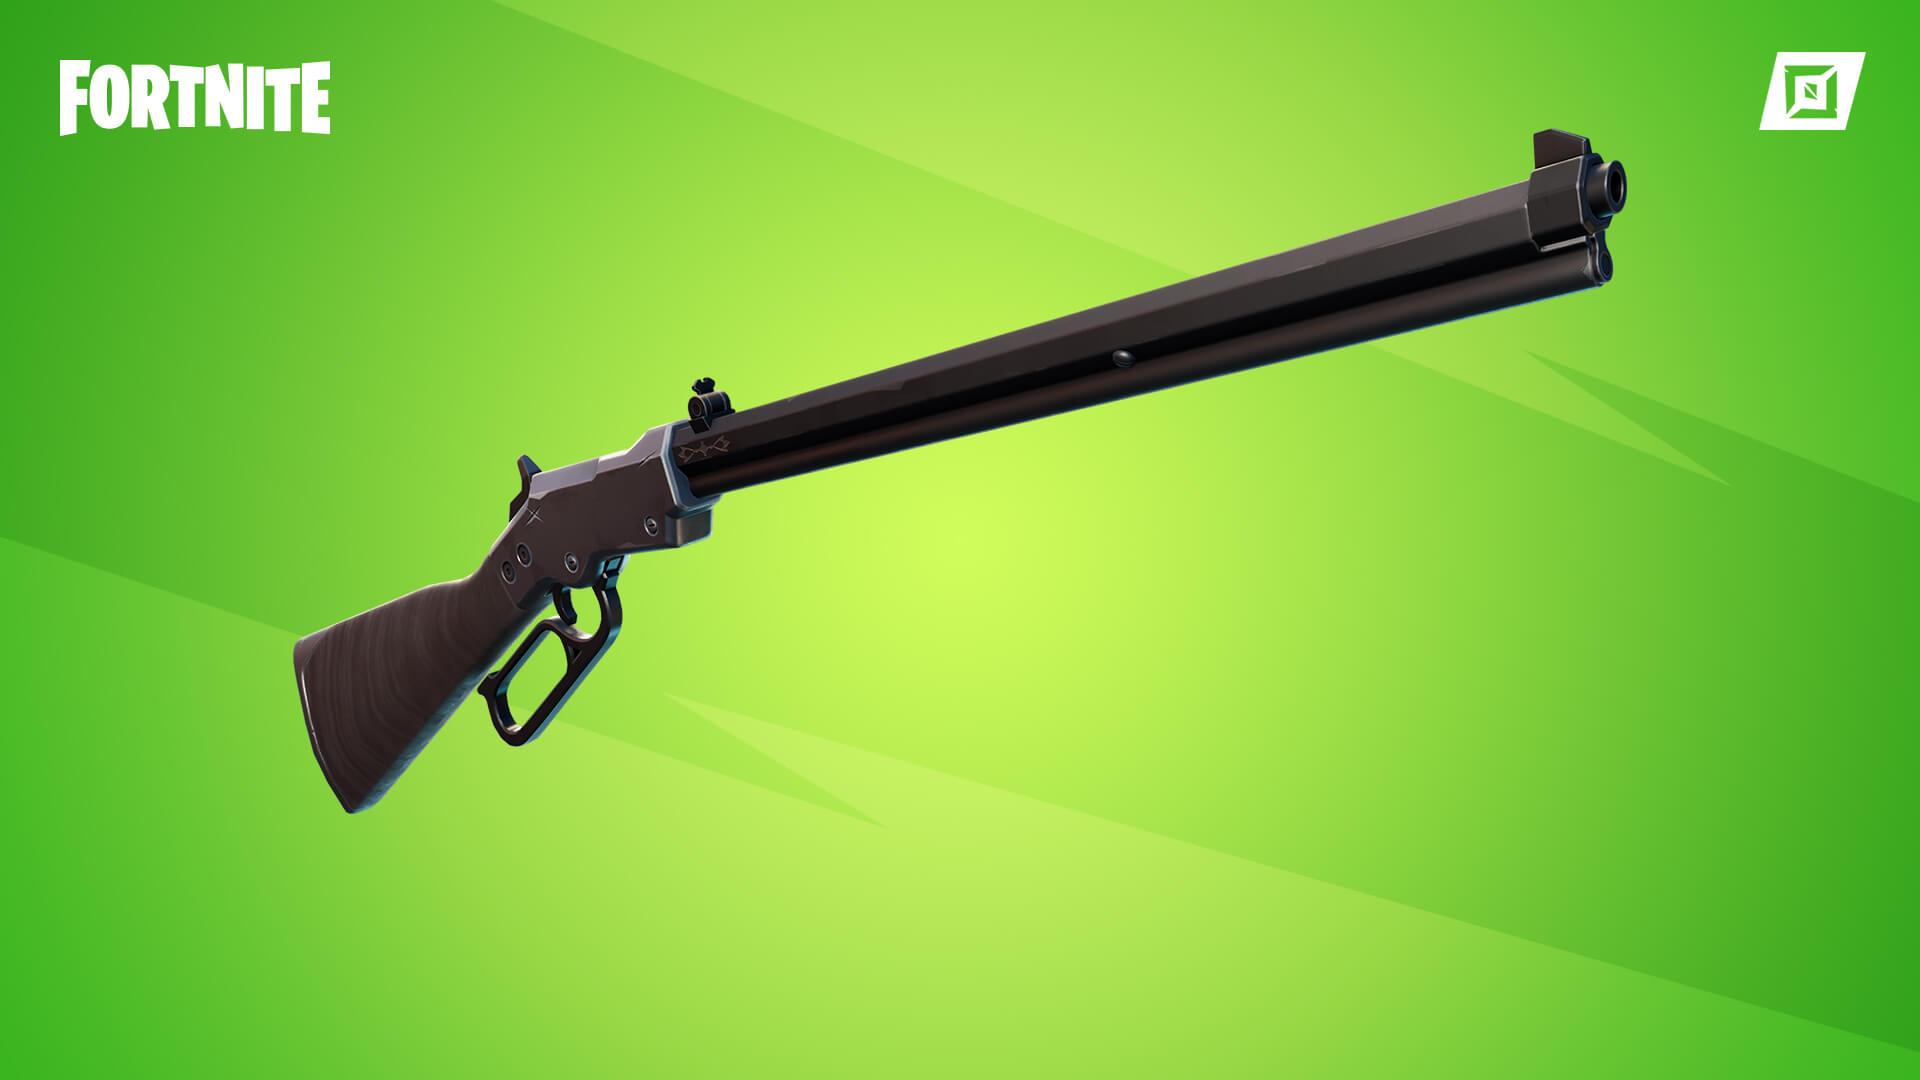 Fortnite Rifle Repetidor do Cowboy